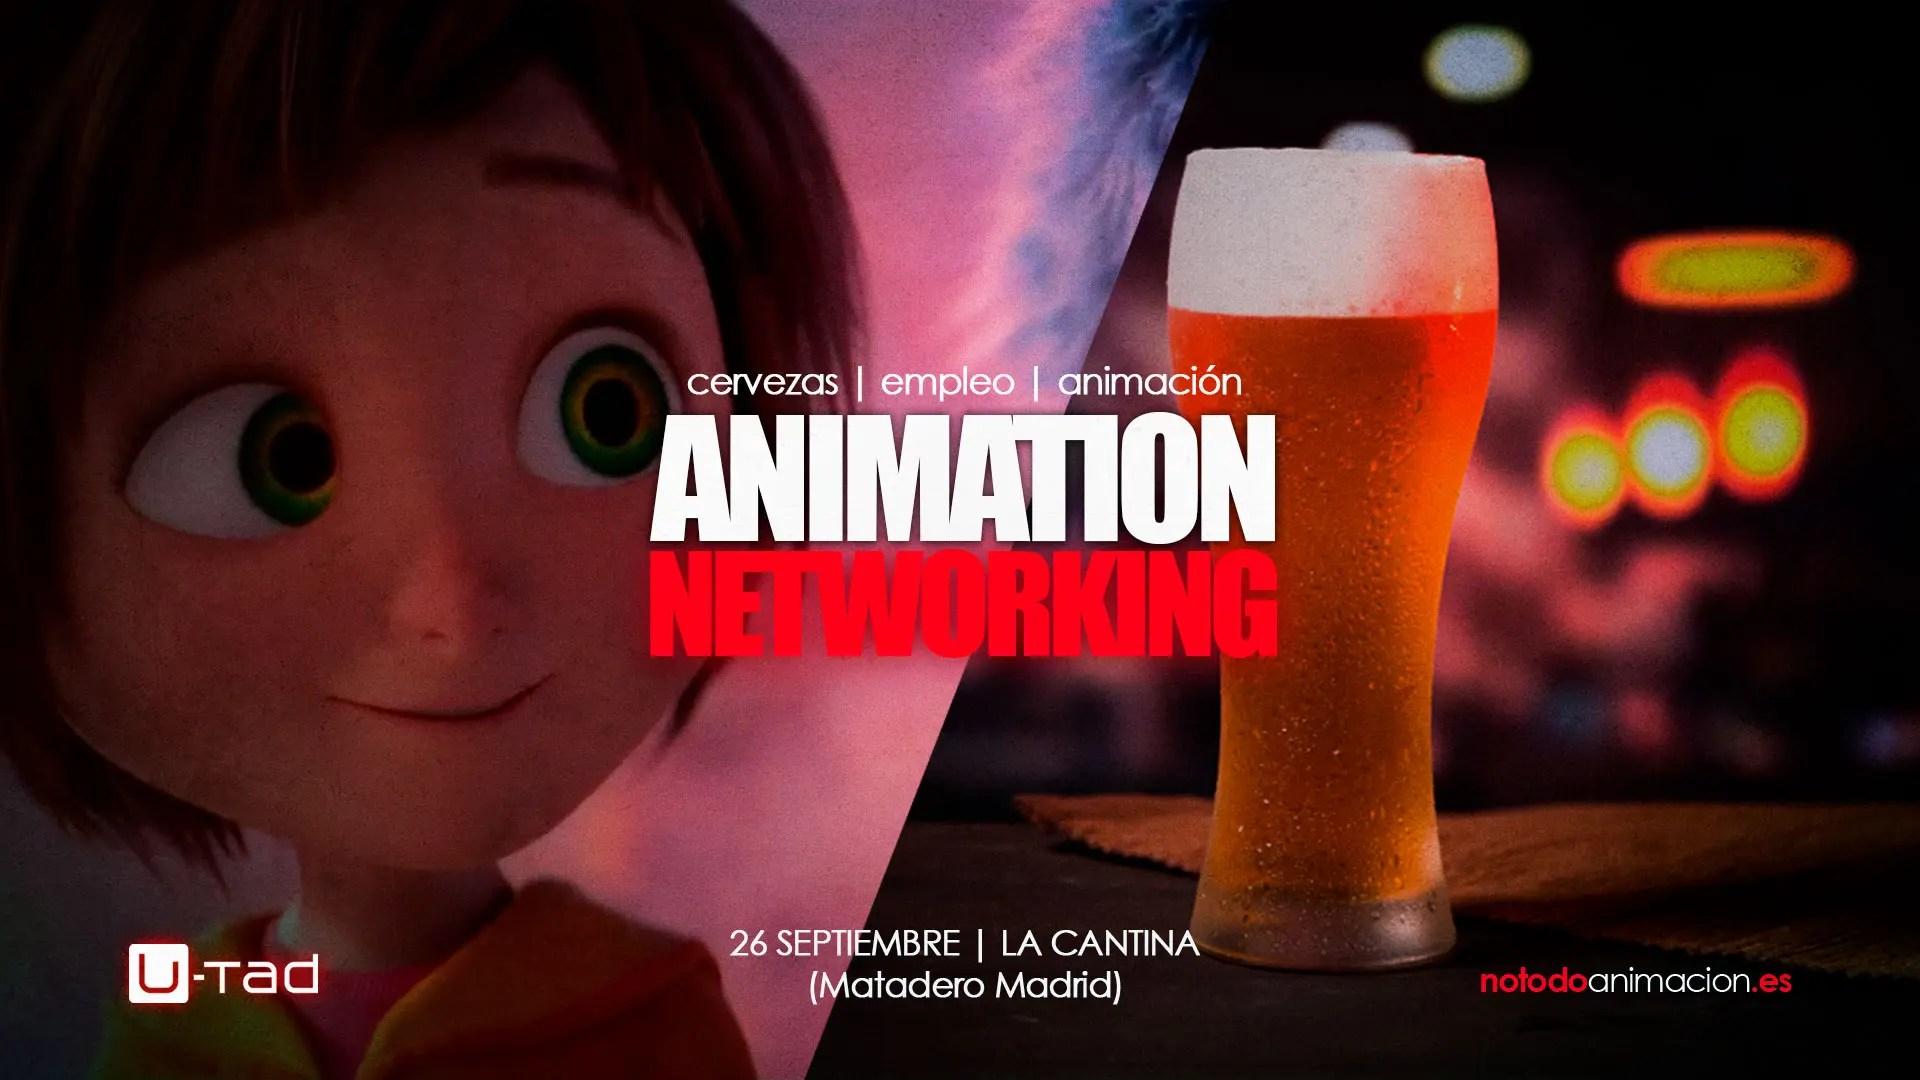 Animation Networking | Cervezas, Seminario y Ofertas de Empleo